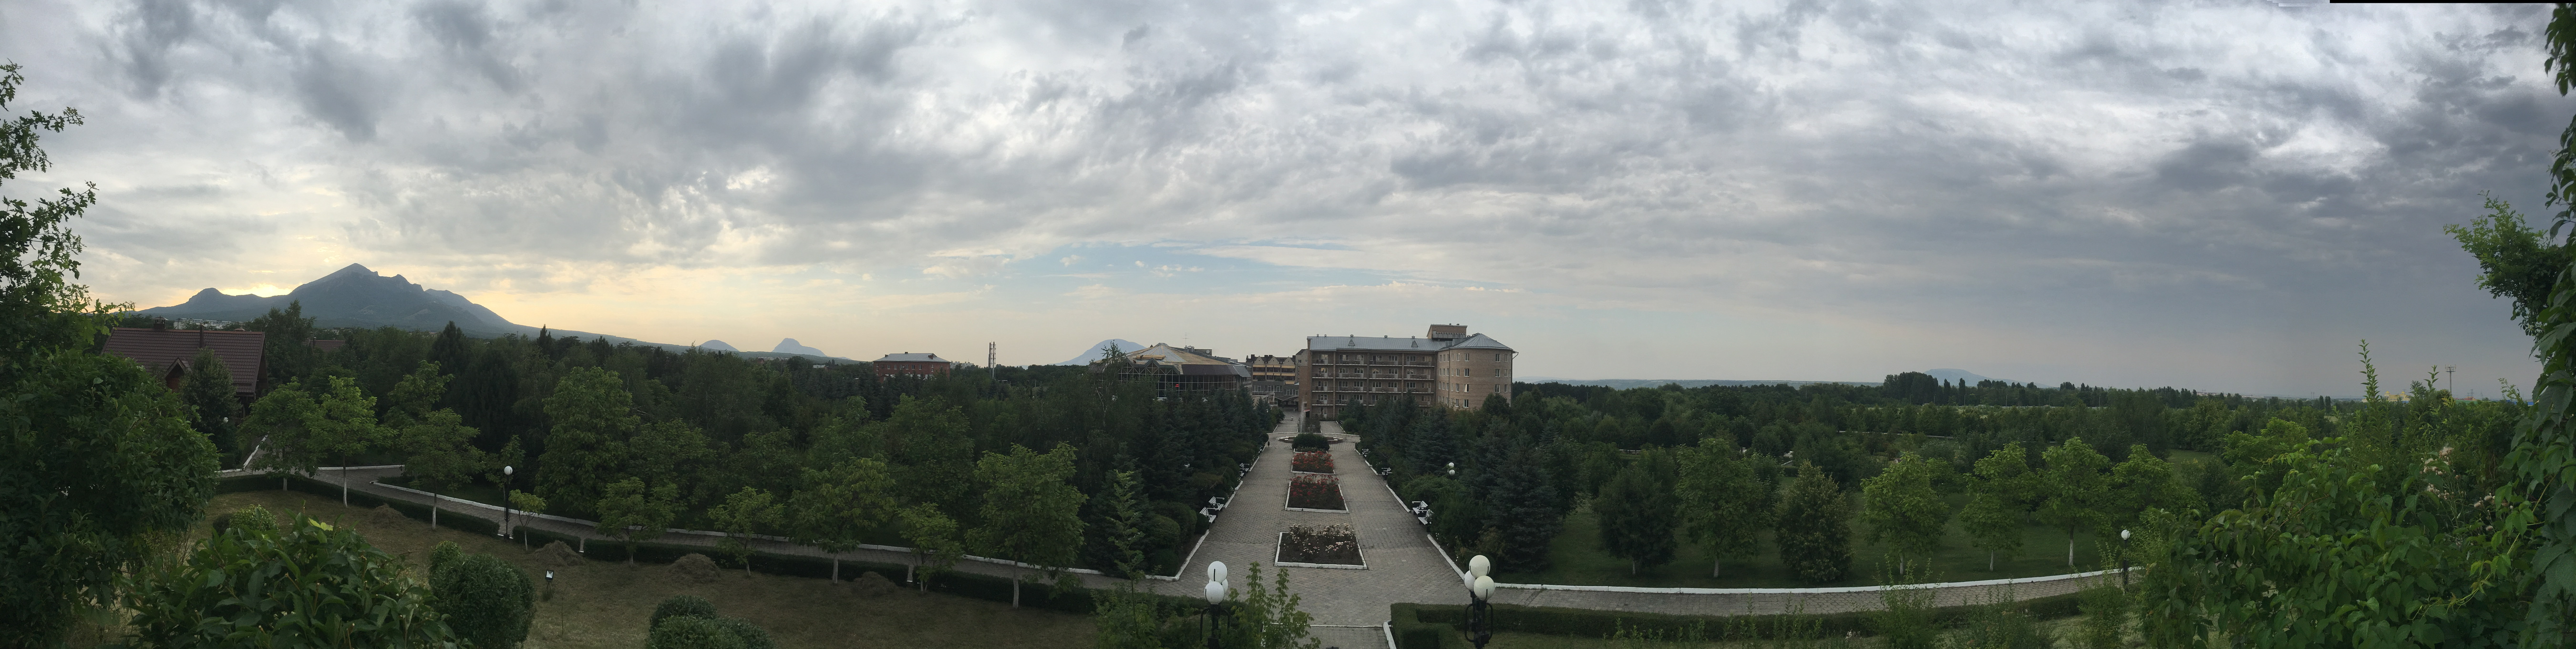 Слезы Машук, или куда идет курортная индустрия Кавказа?